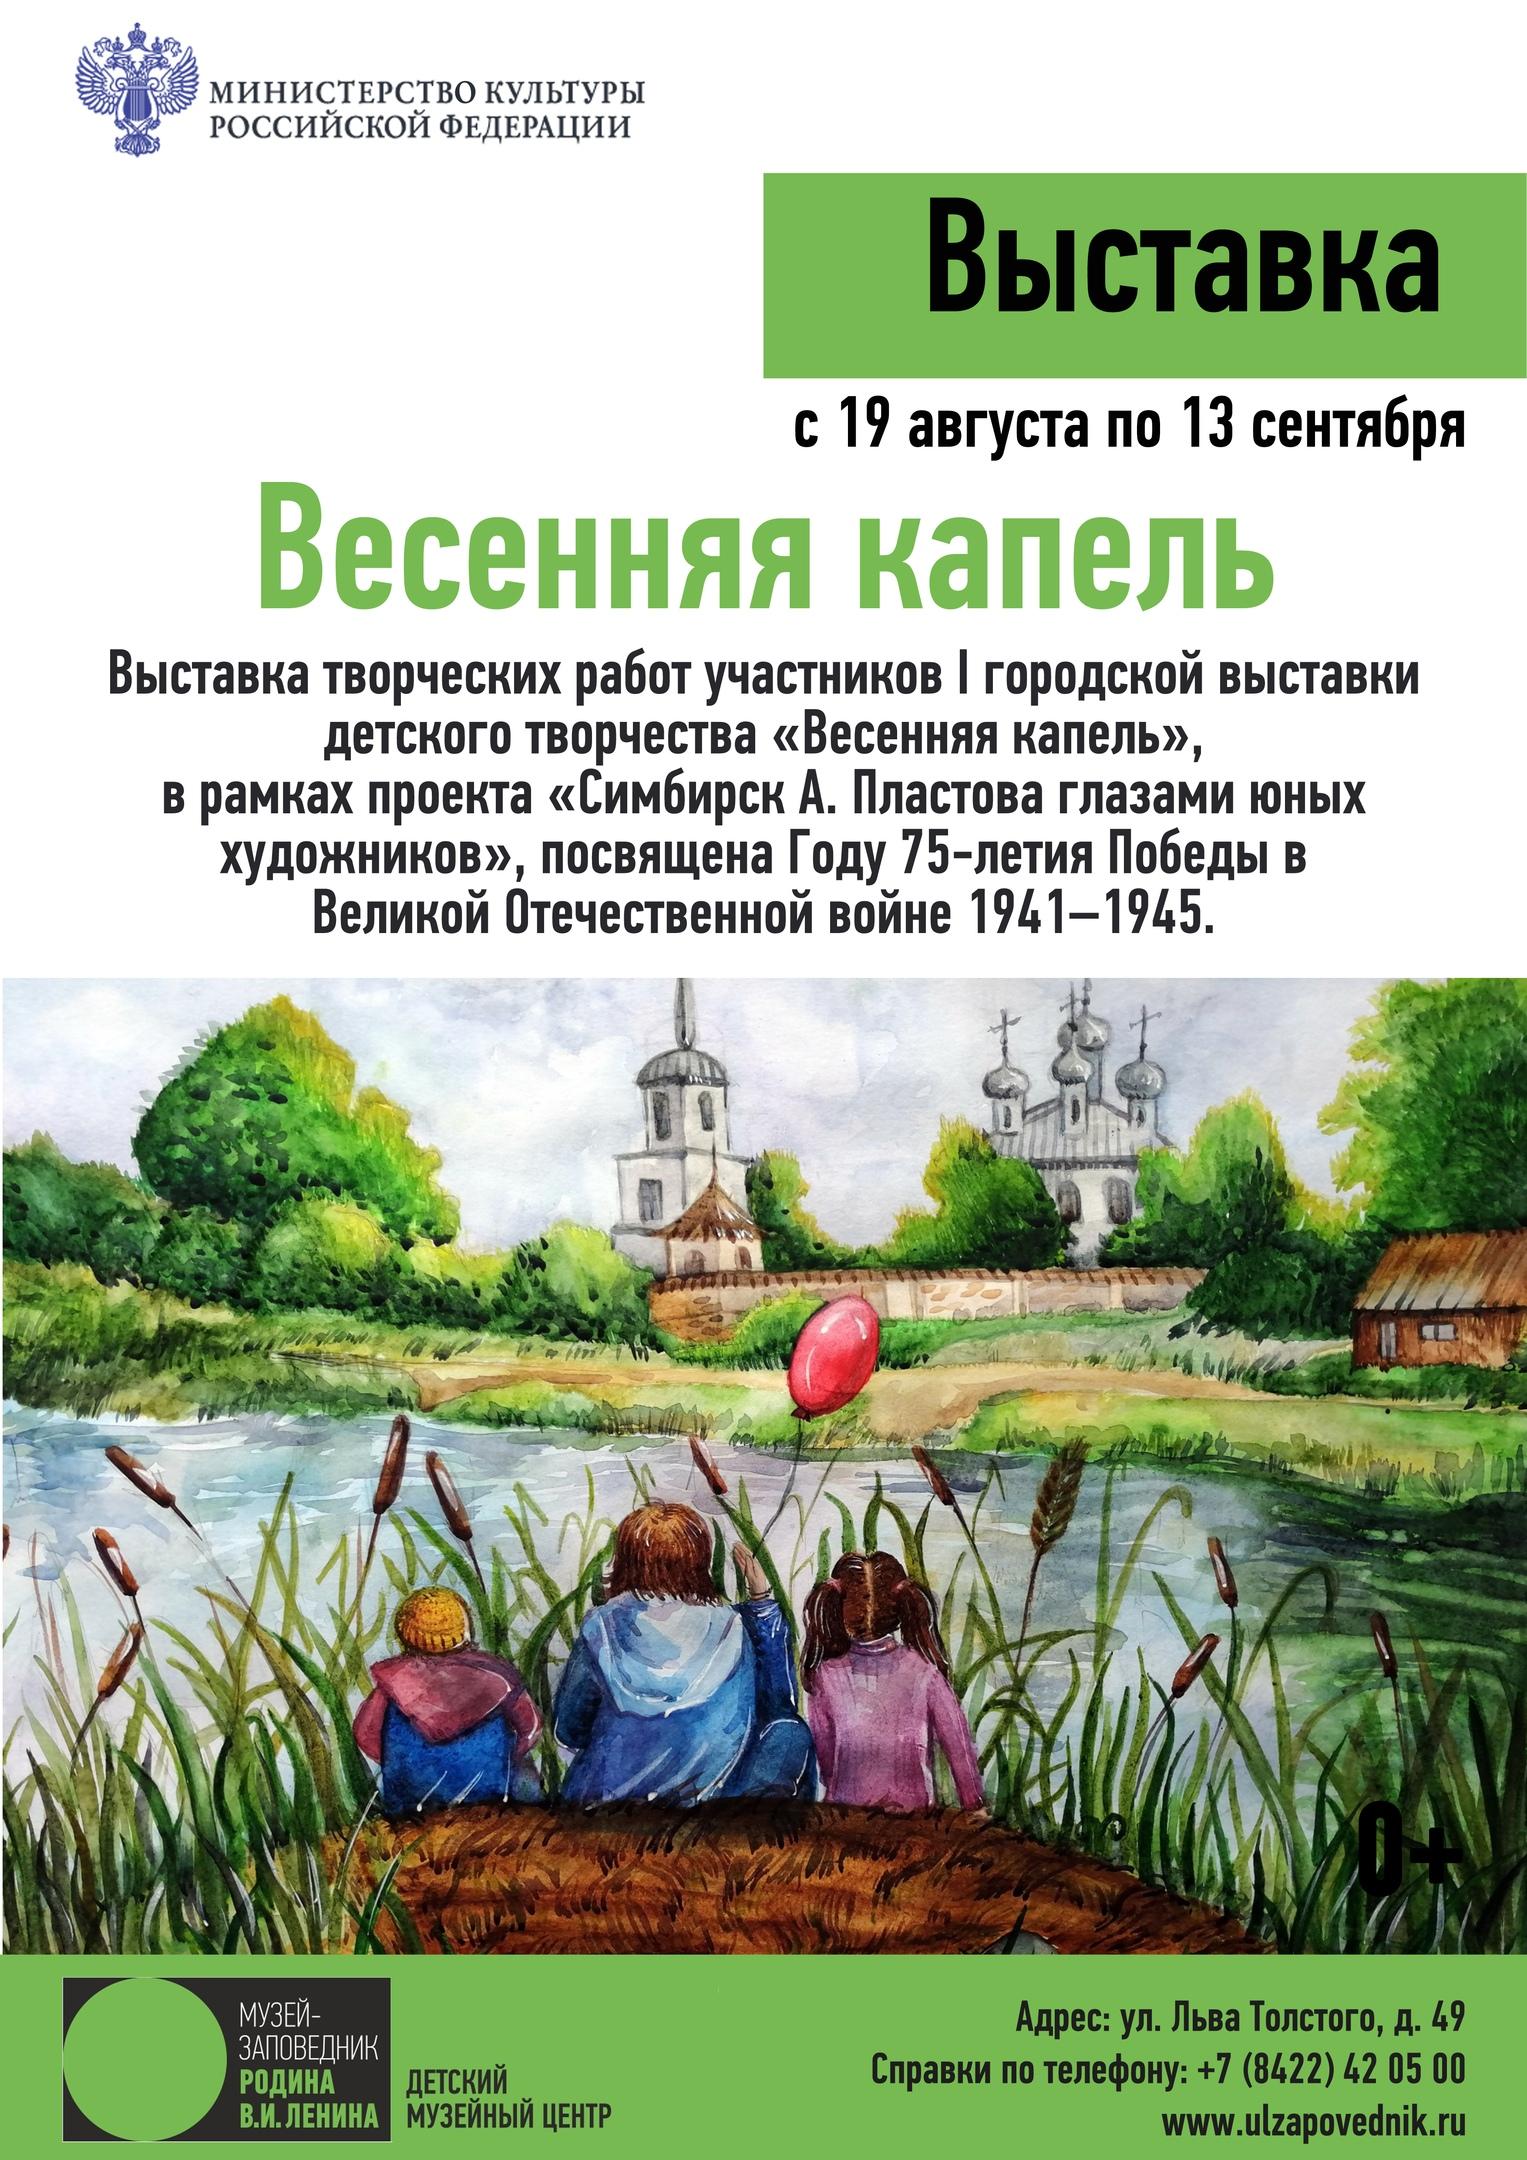 Выставка «Весенняя капель» @ Детский музейный центр (ул. Льва Толстого, д. 49)